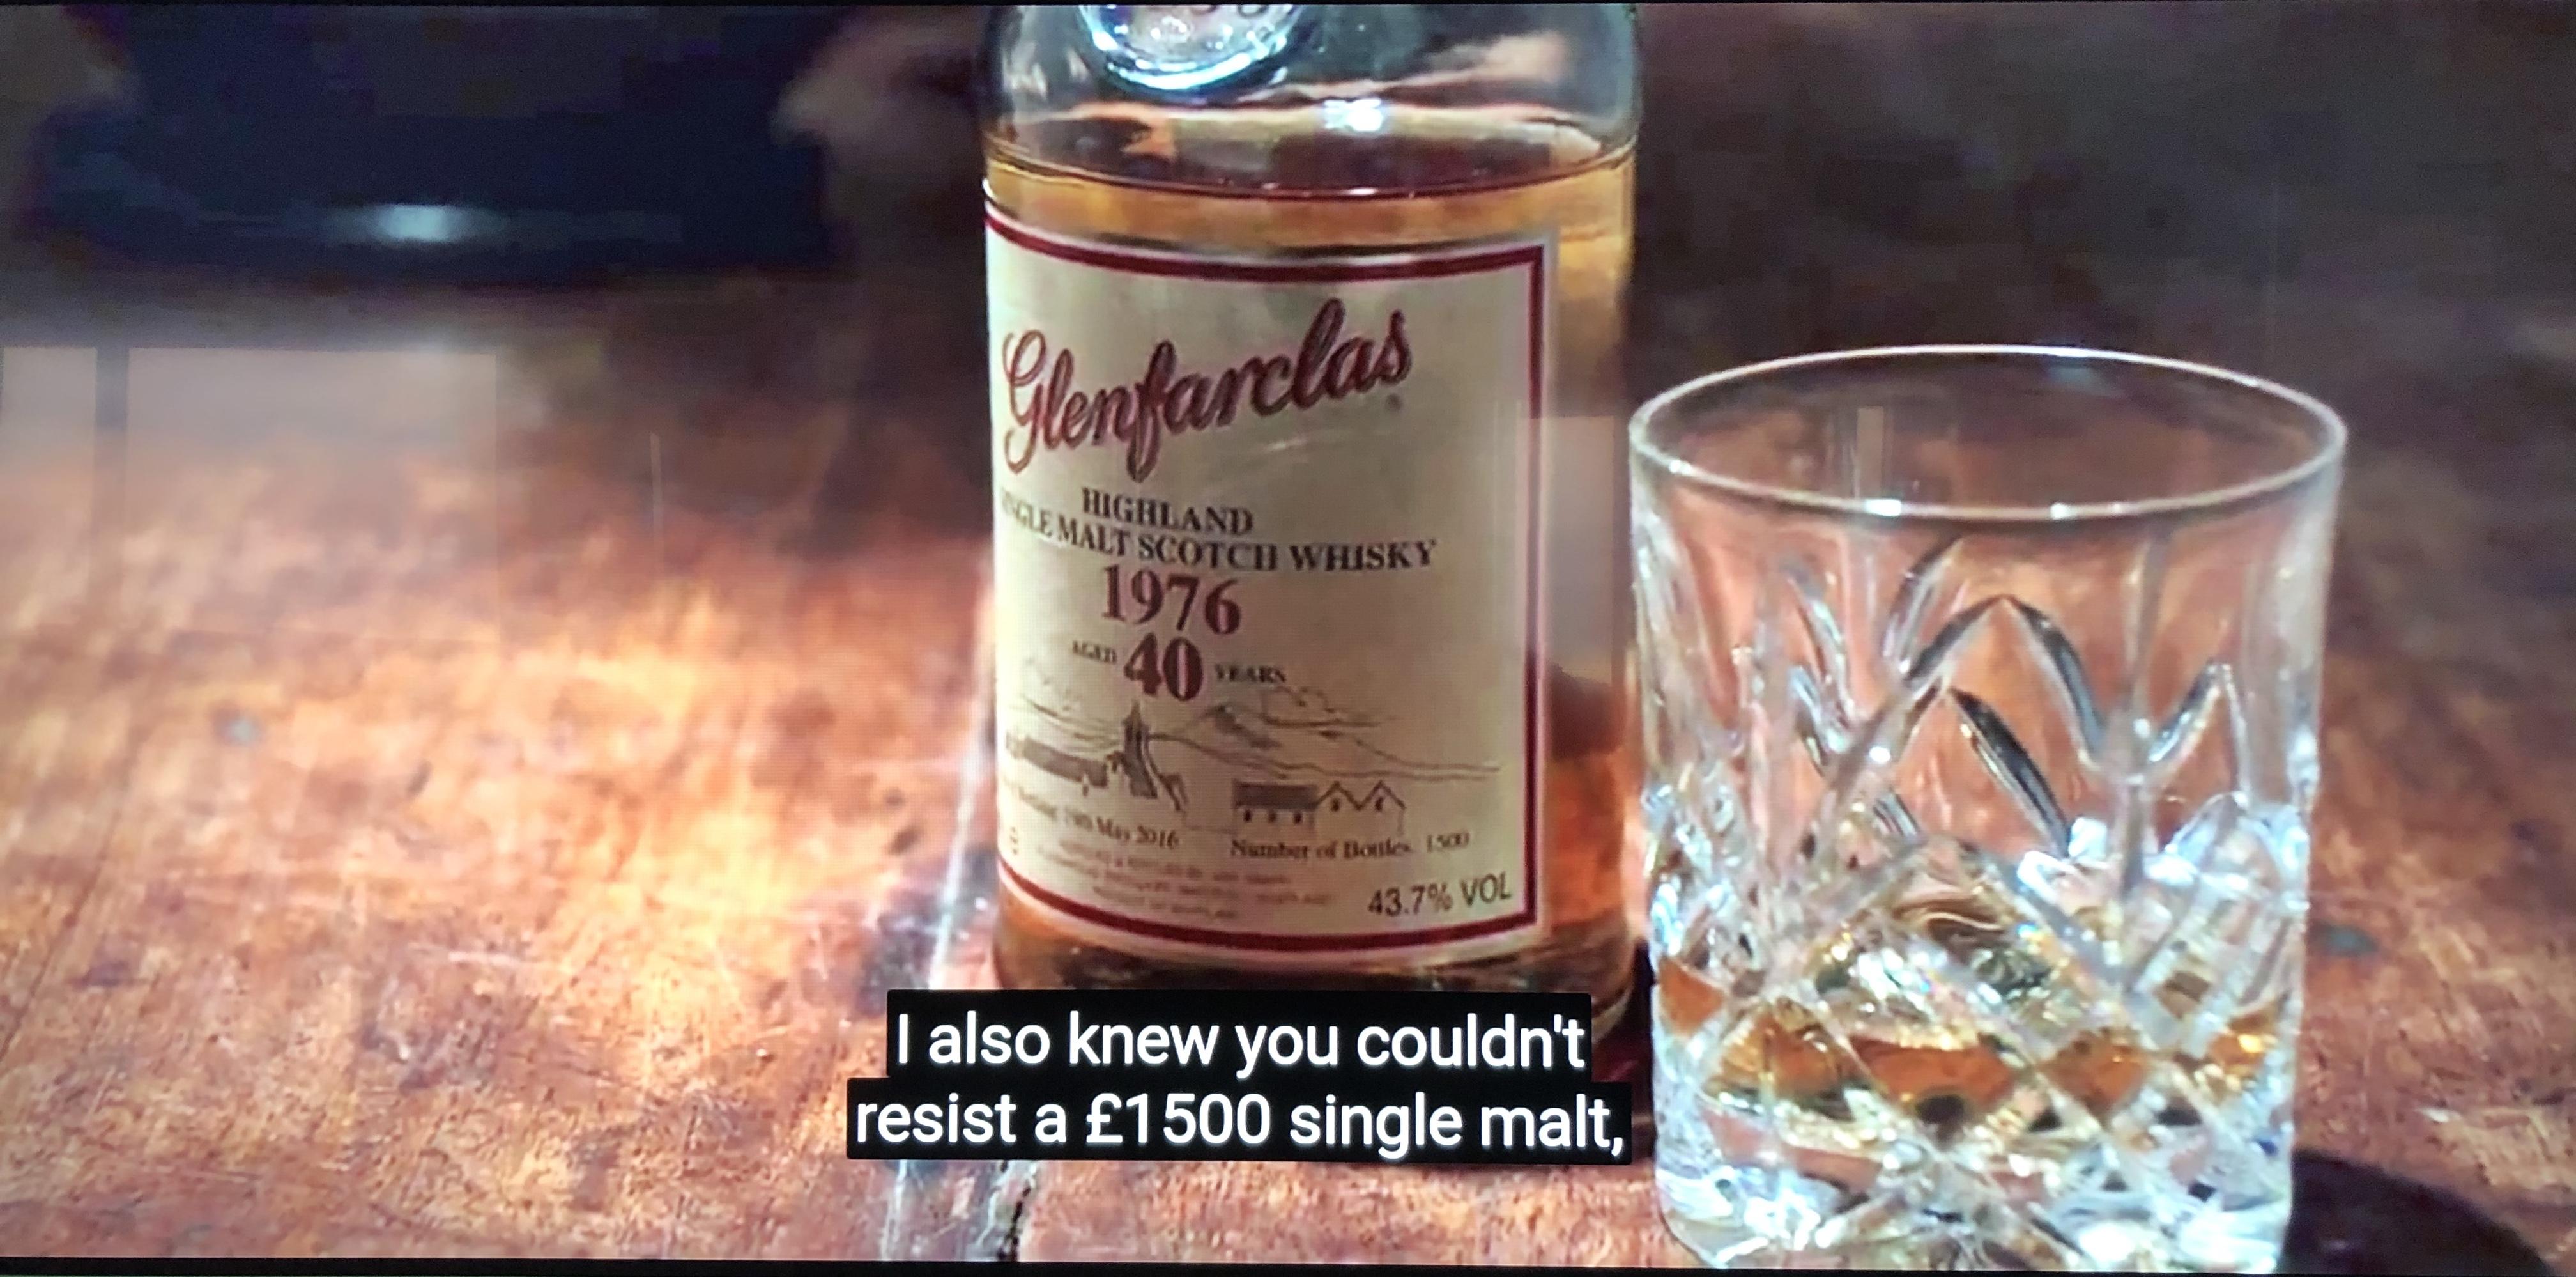 20200421 I knew you couldn't resist Glenfarclas 40 yo